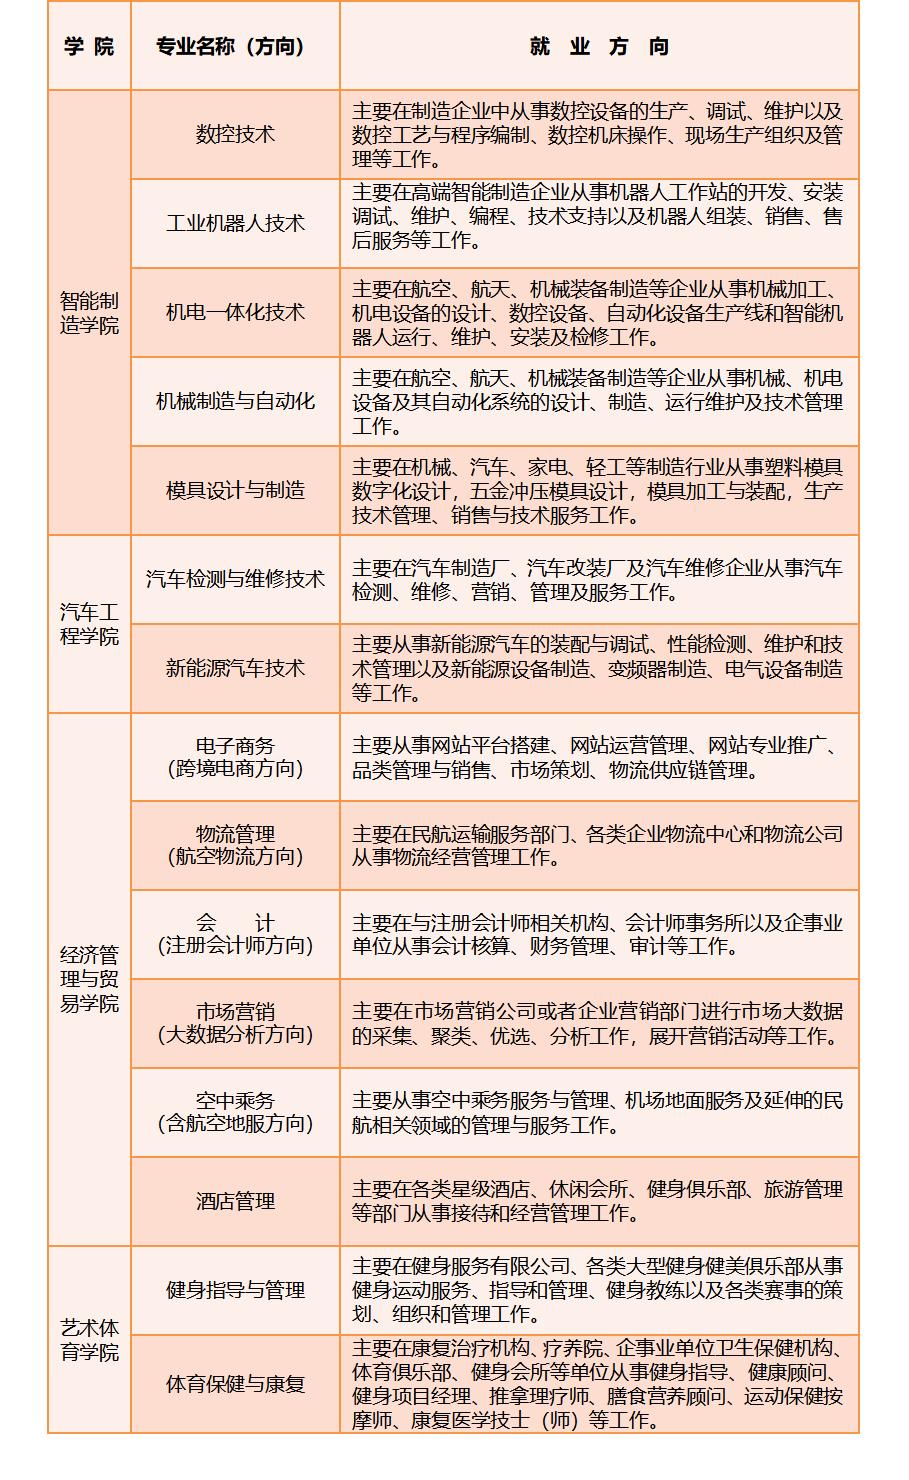 专业一览表2.png